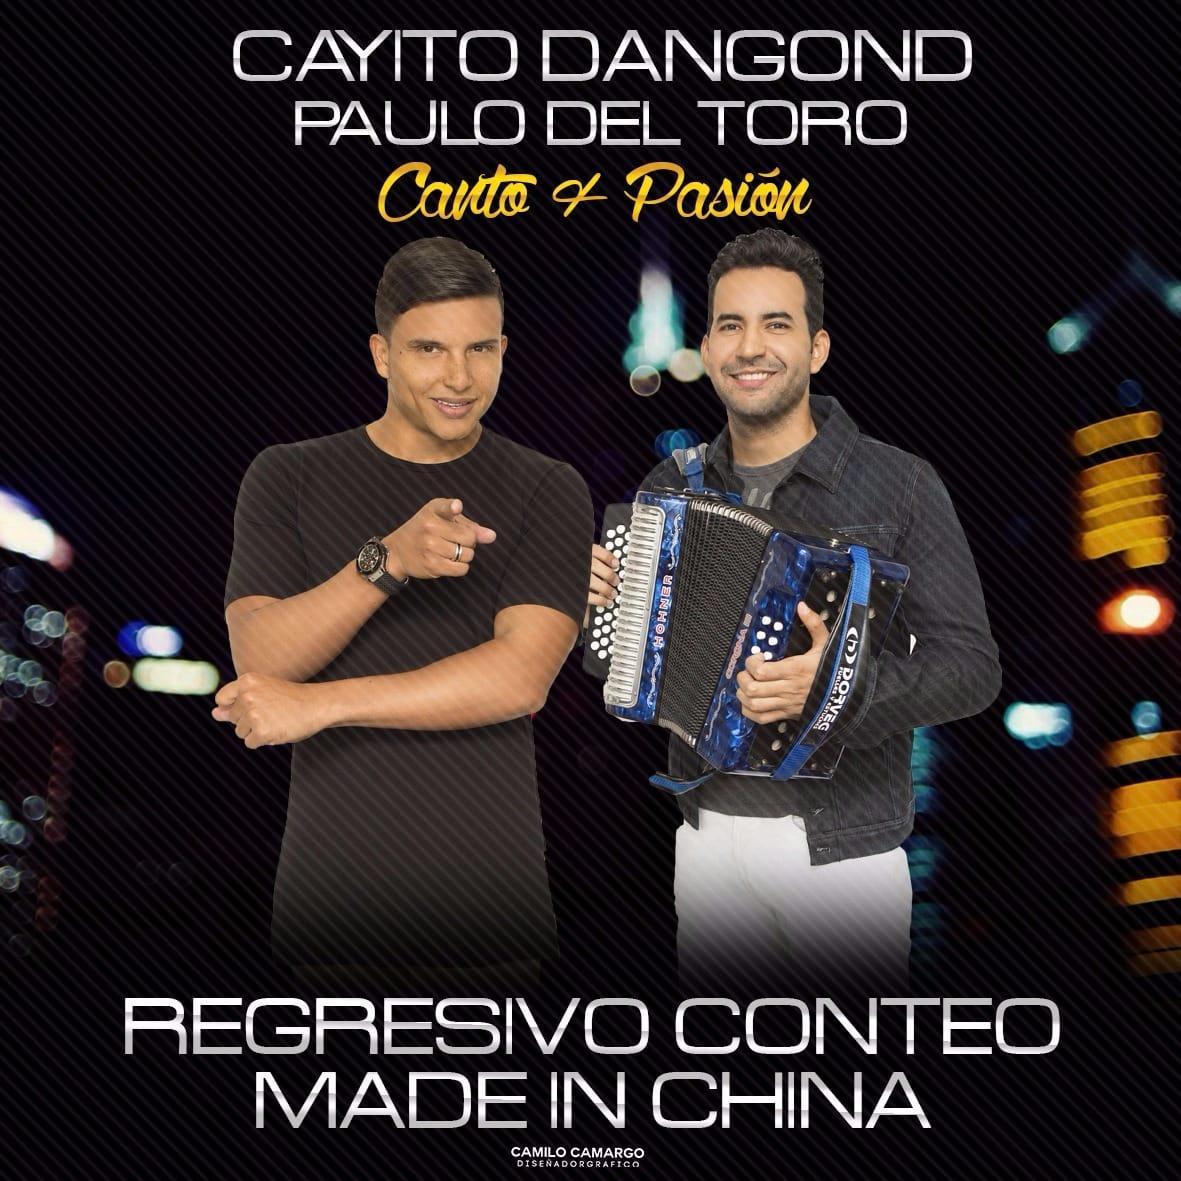 Comienza el conteo regresivo para el lanzamiento Made In China lo nuevo de Cayito Dangond y Paulo del Toro